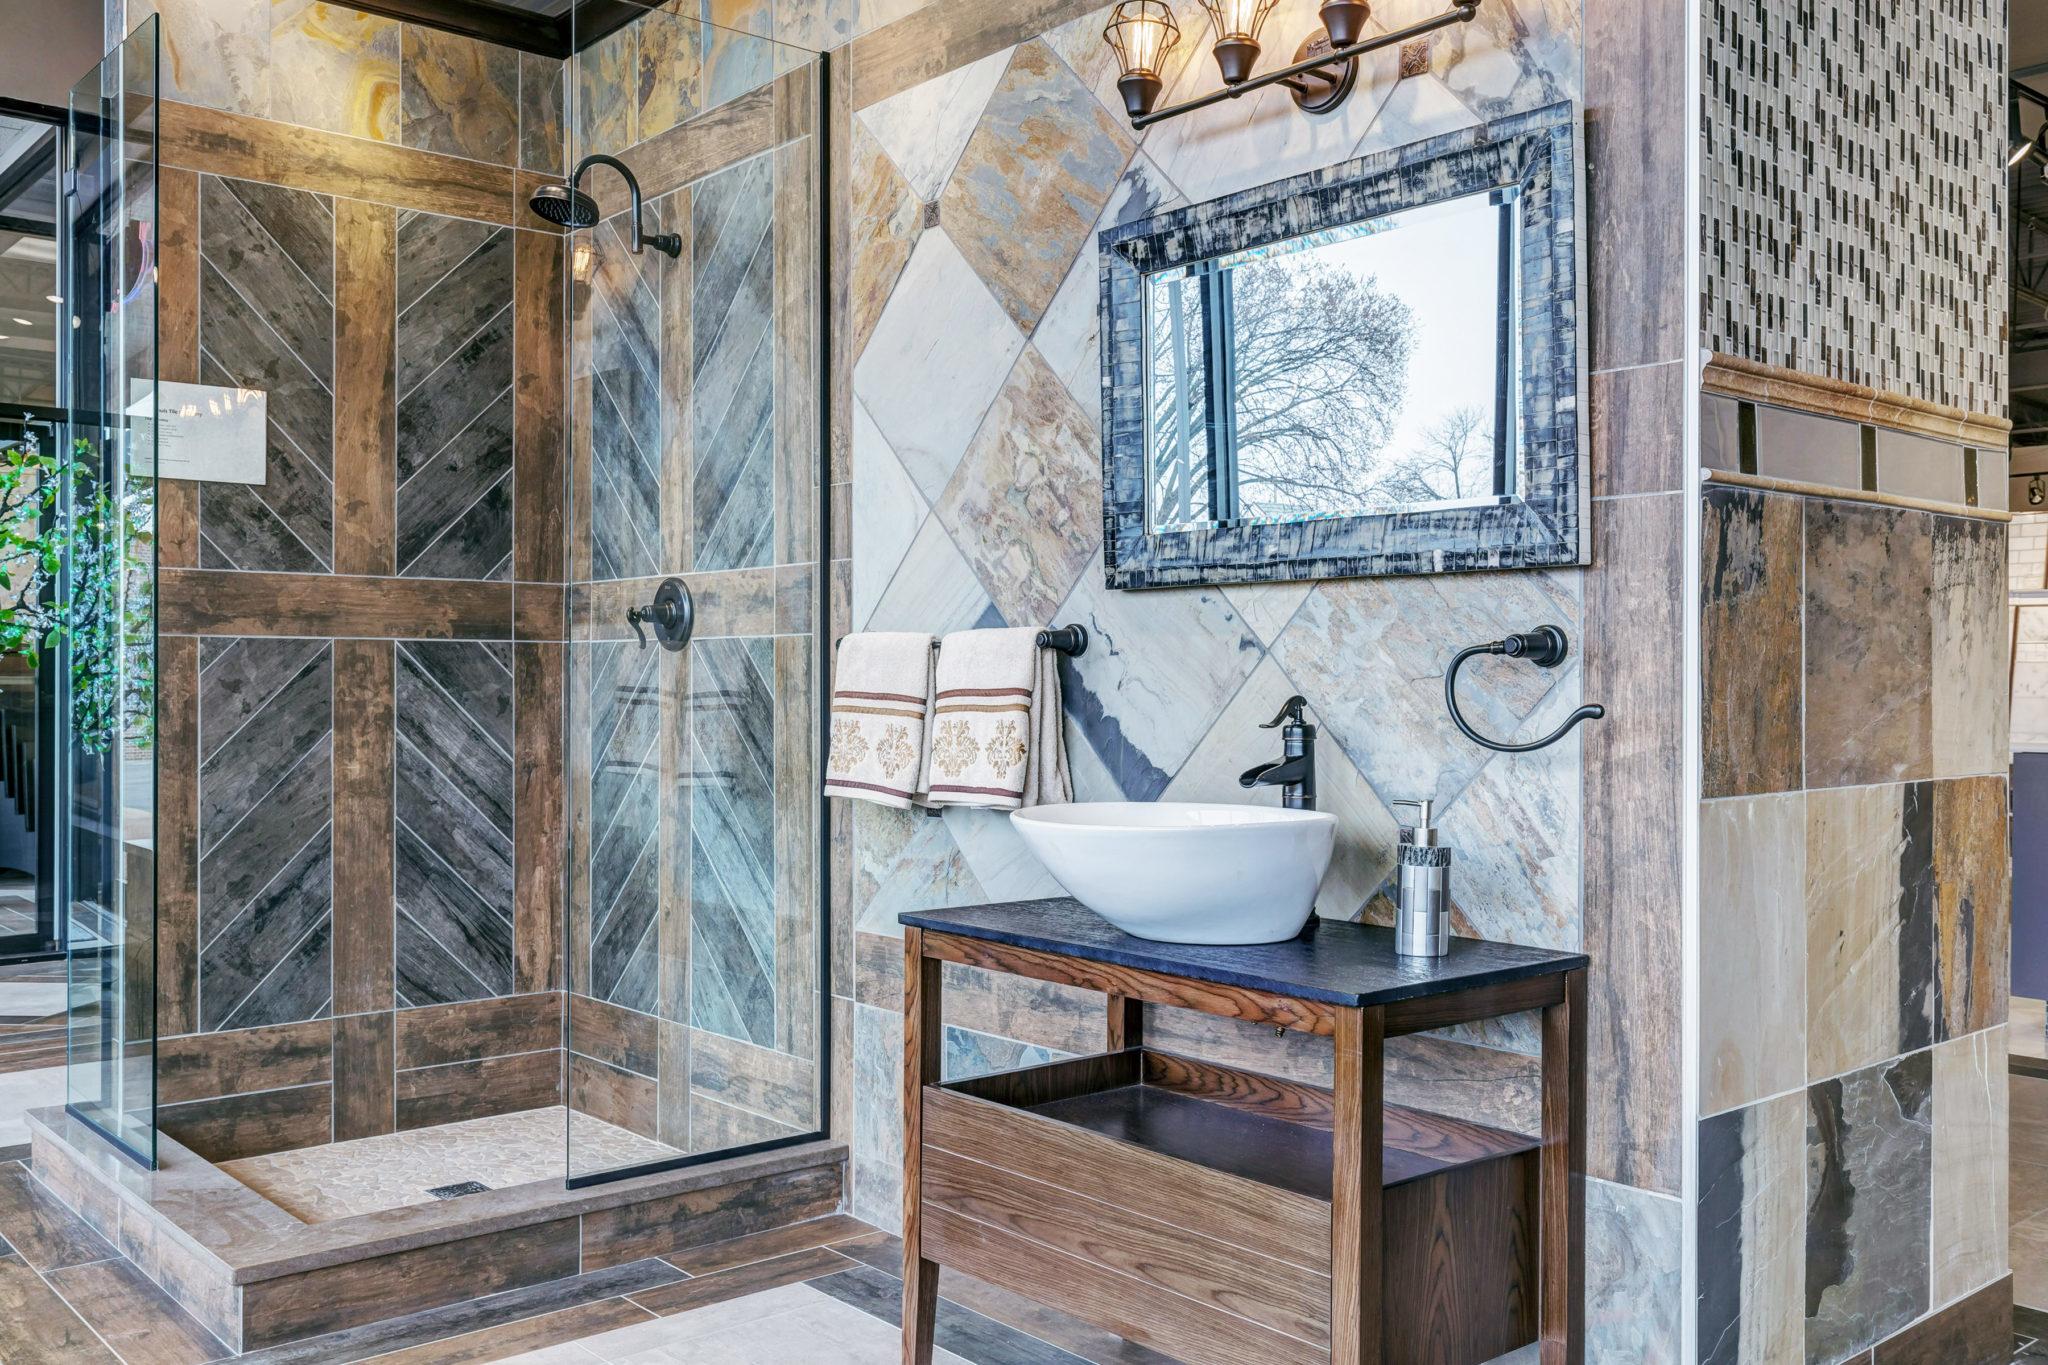 St. Louis Tile Company image 3